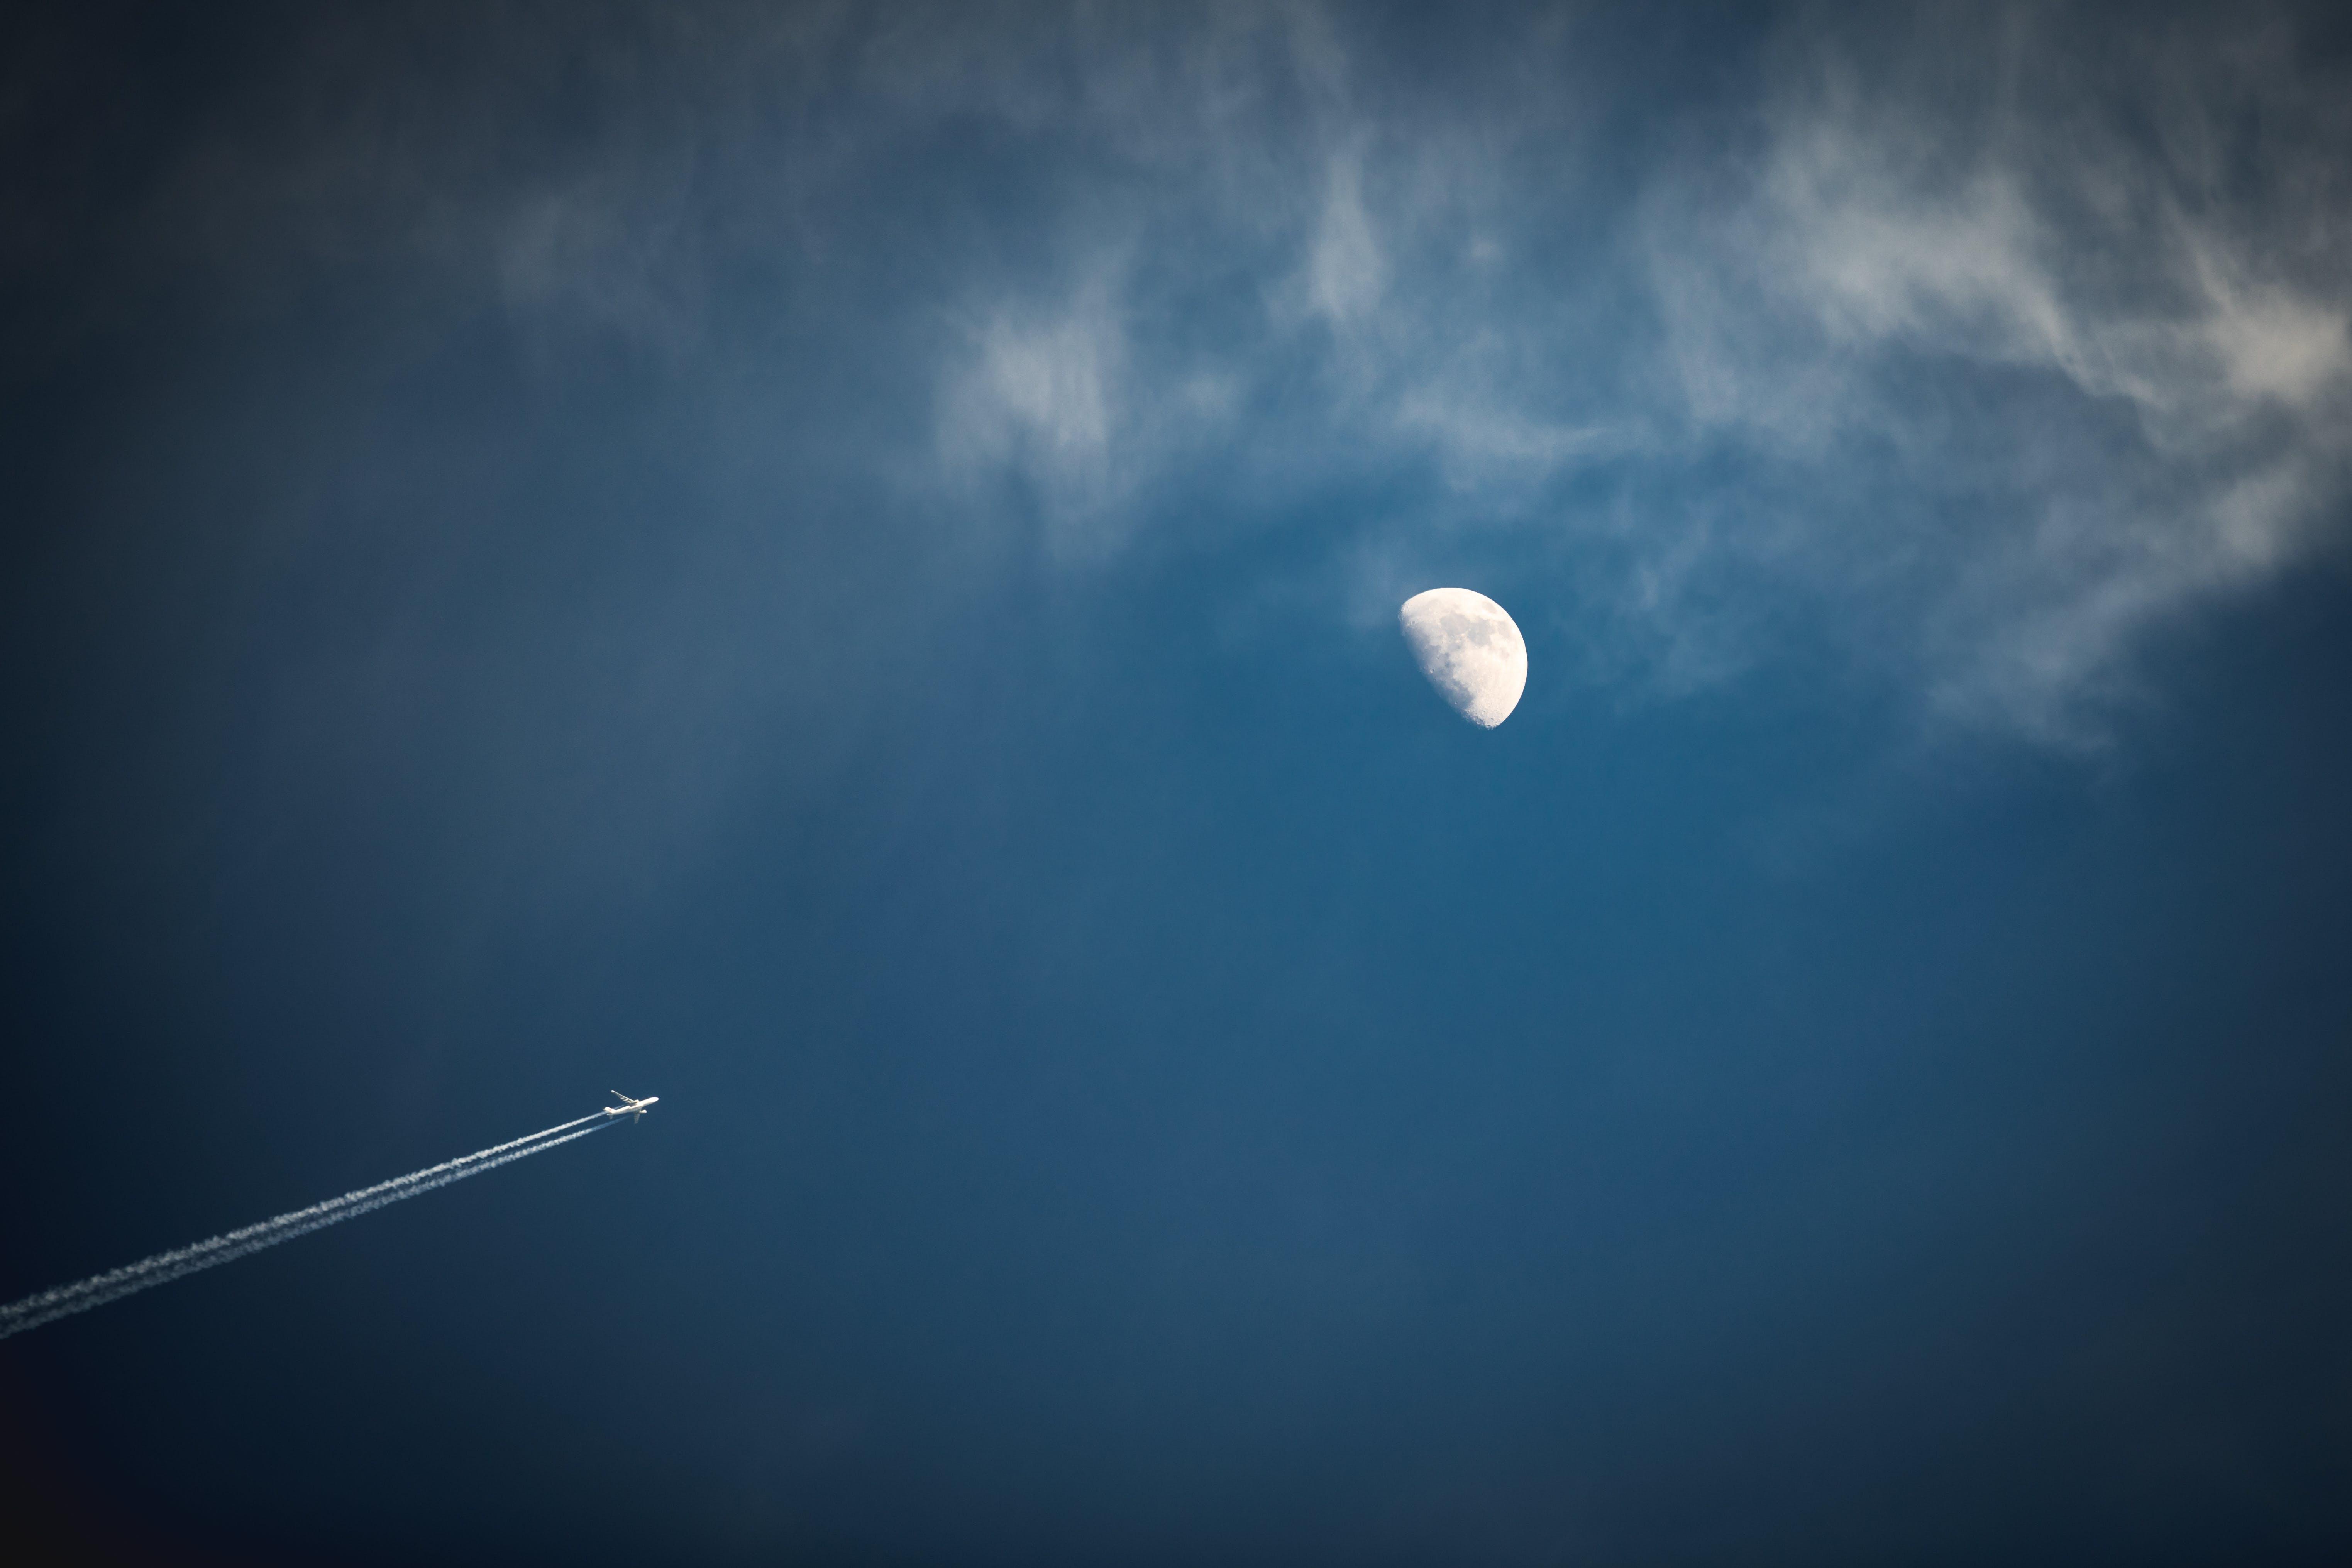 Δωρεάν στοκ φωτογραφιών με αεροπλάνο, διάστημα, επιθυμία για ταξίδια, ημέρα